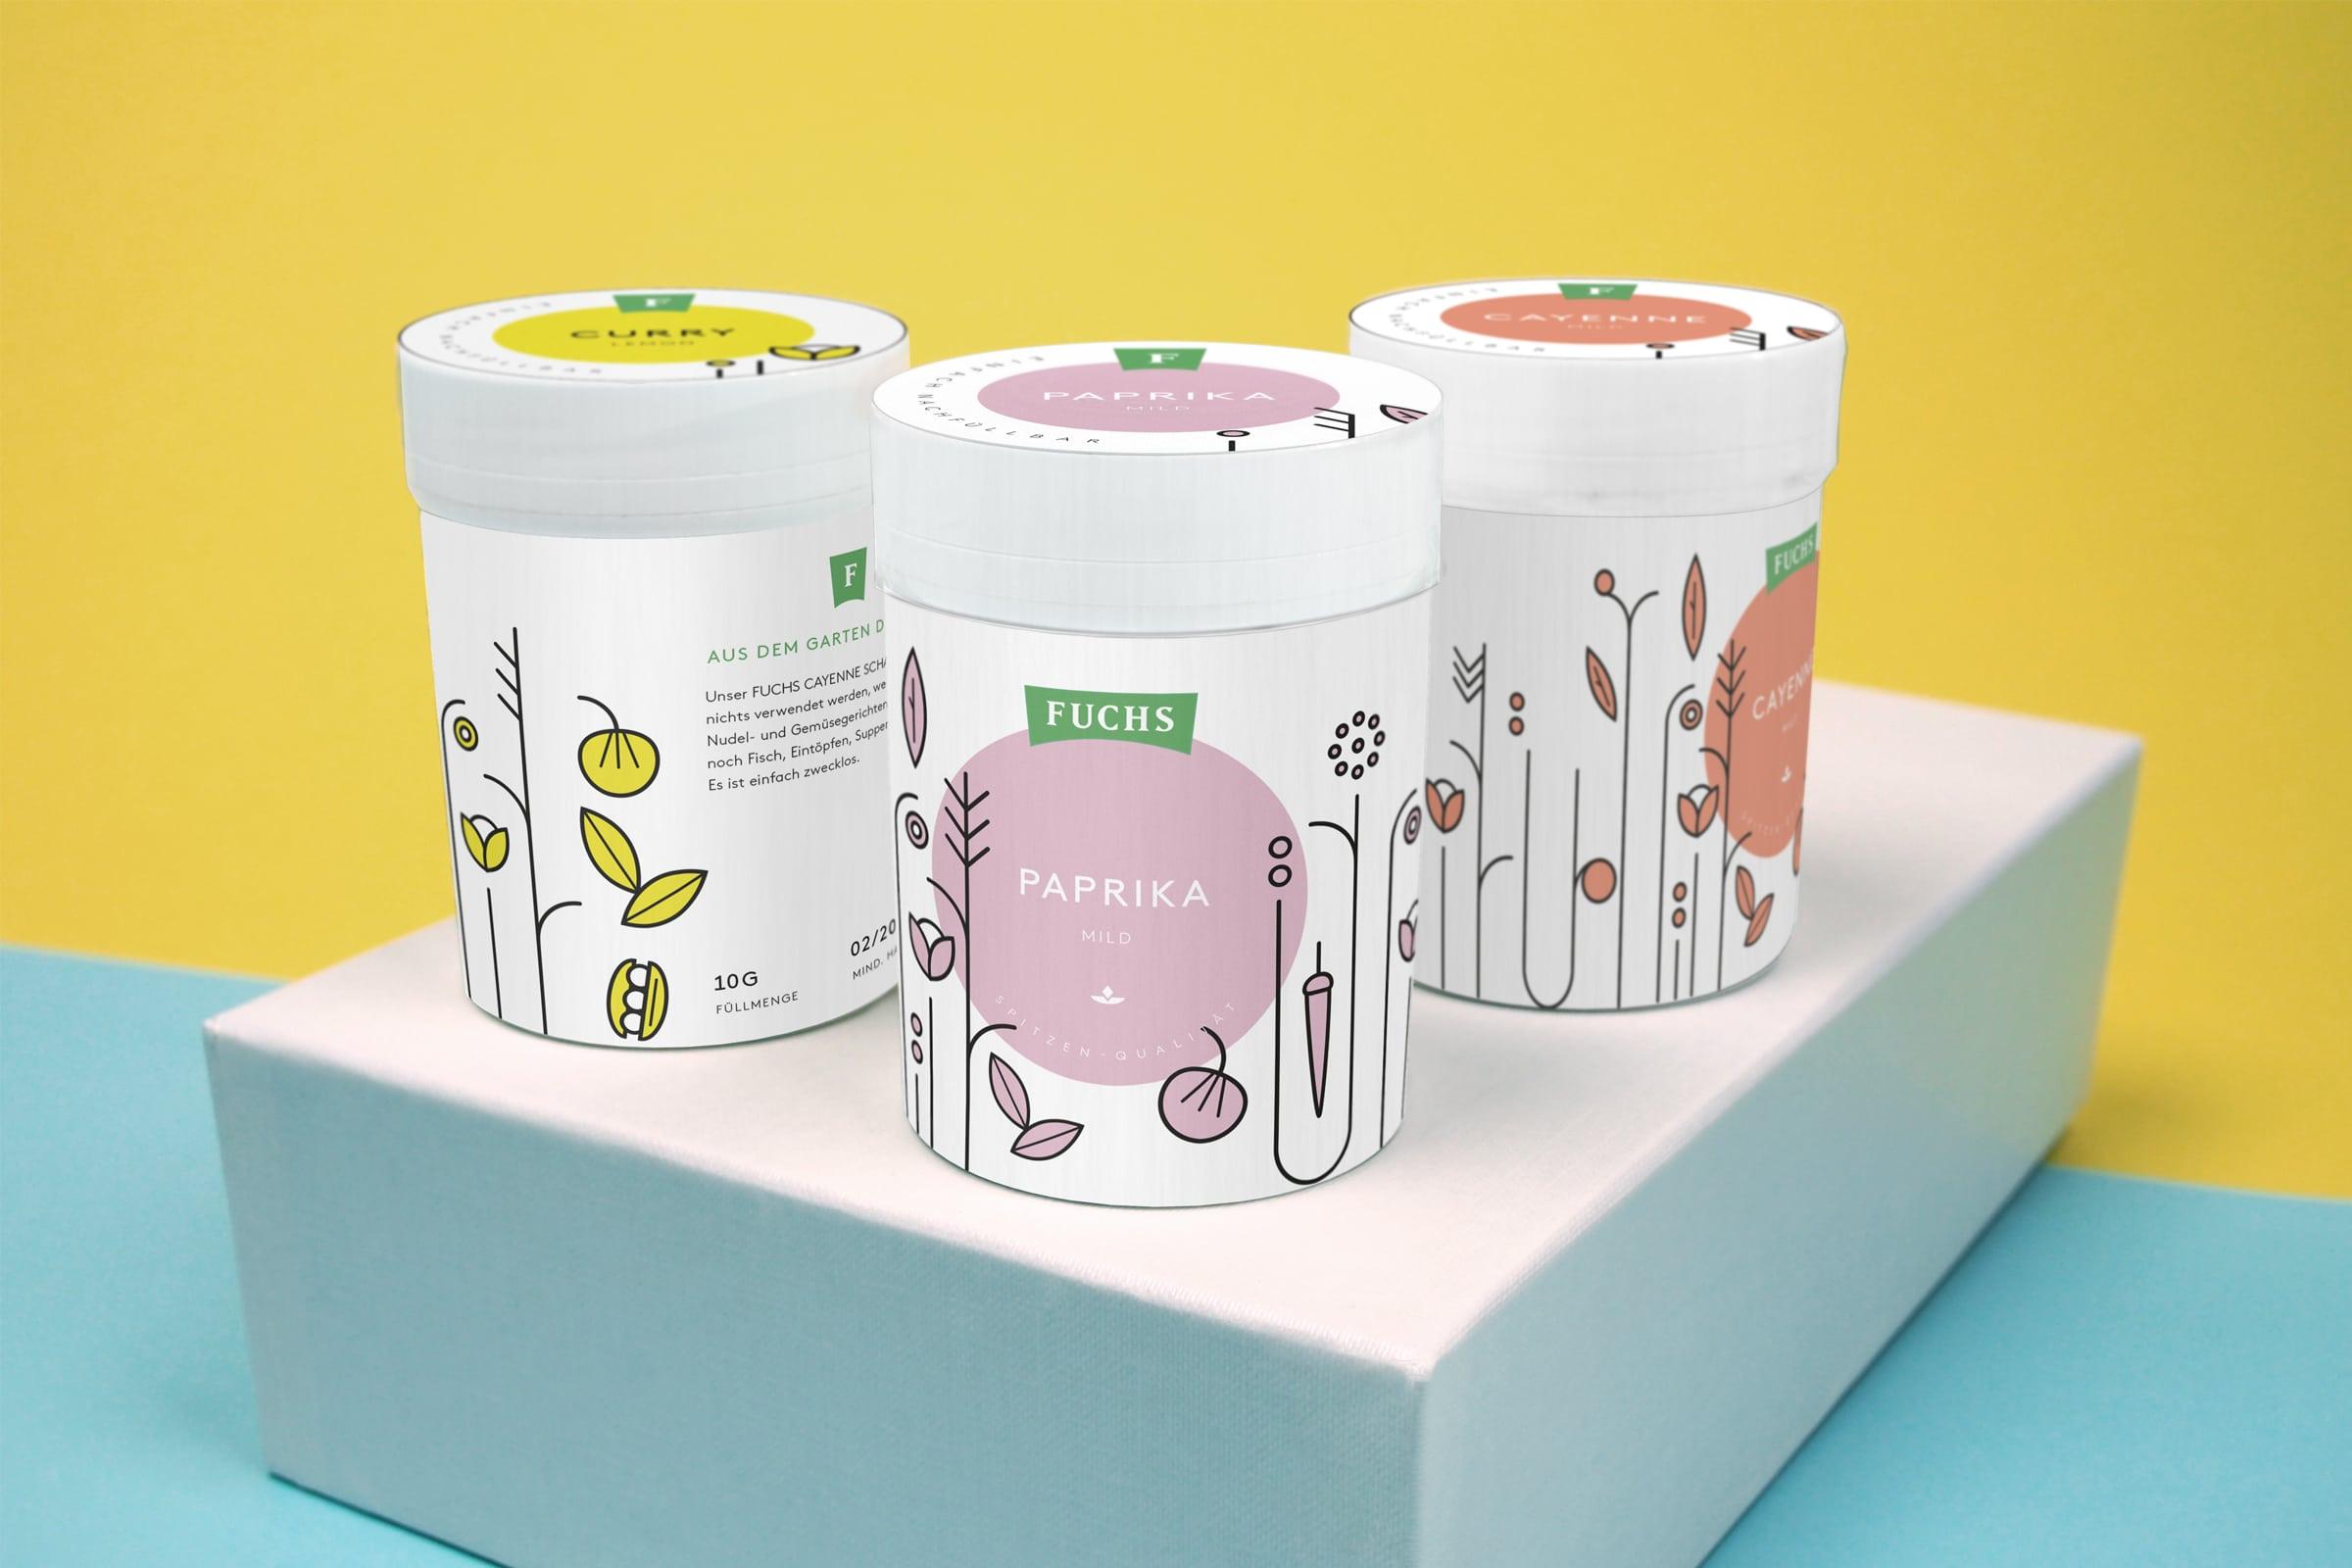 Gewürze, Packaging, Redesign, Illustration